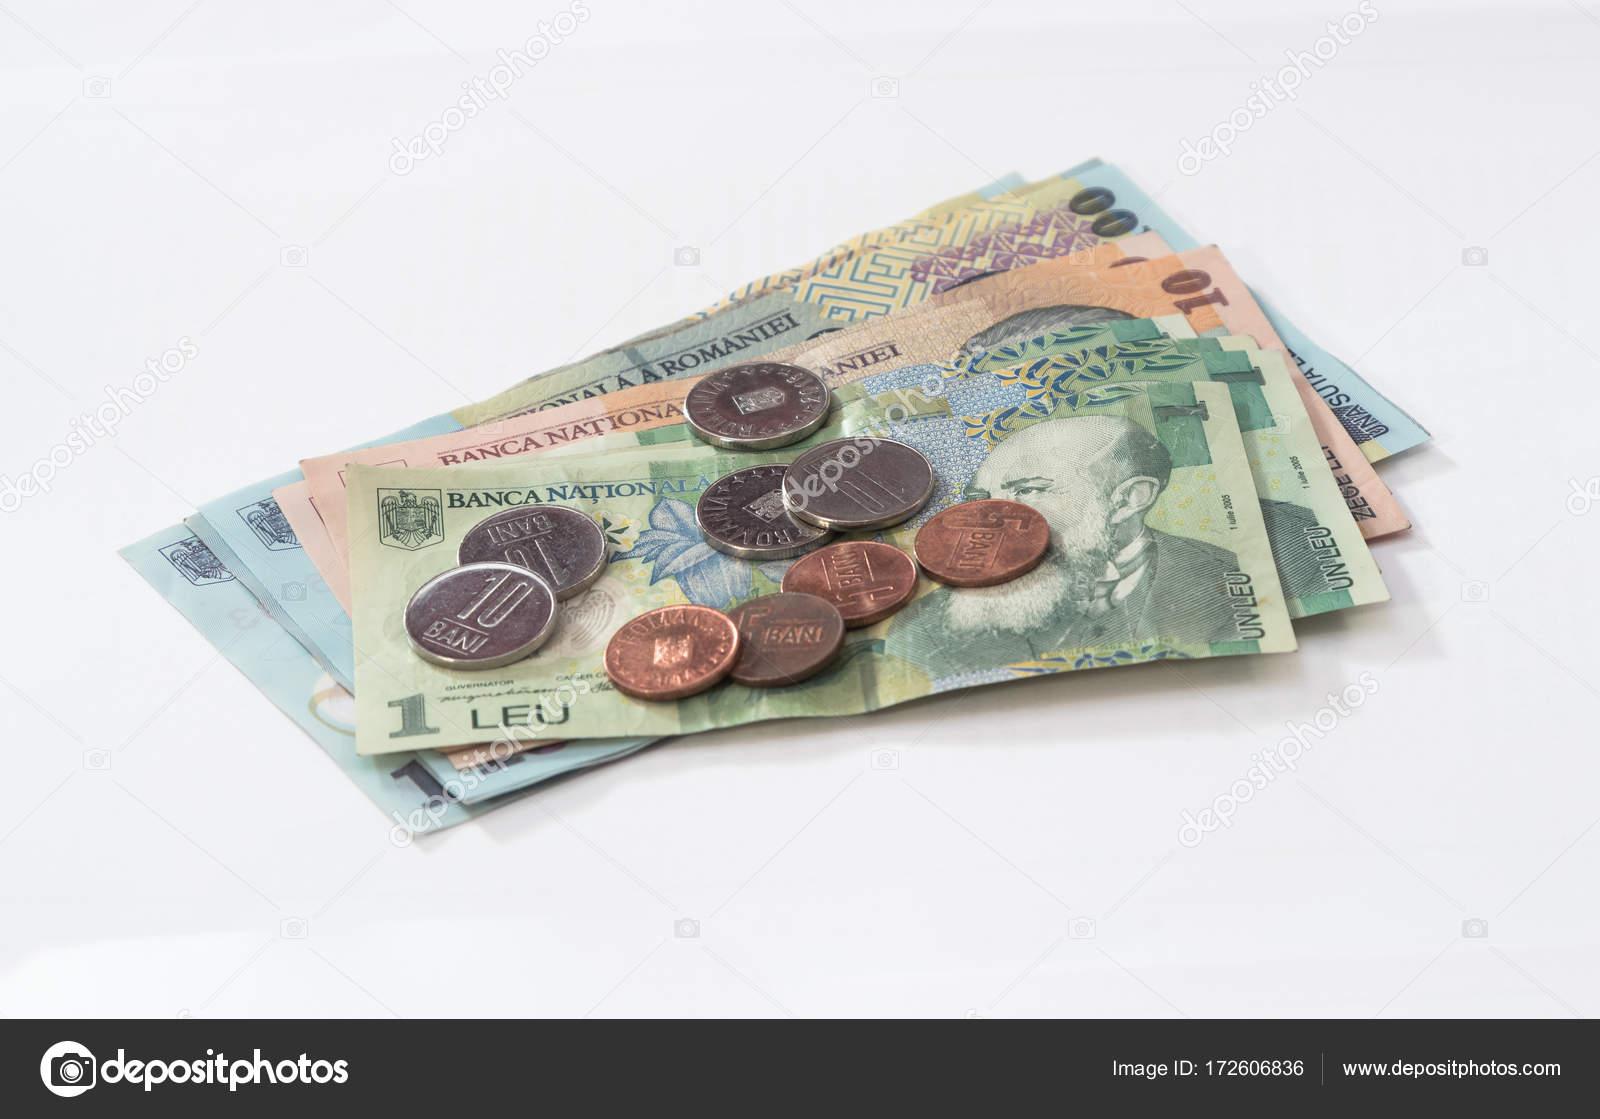 Mehrere Banknoten Wert 100 10 Und 1 Rumänischen Lei Mit Mehreren